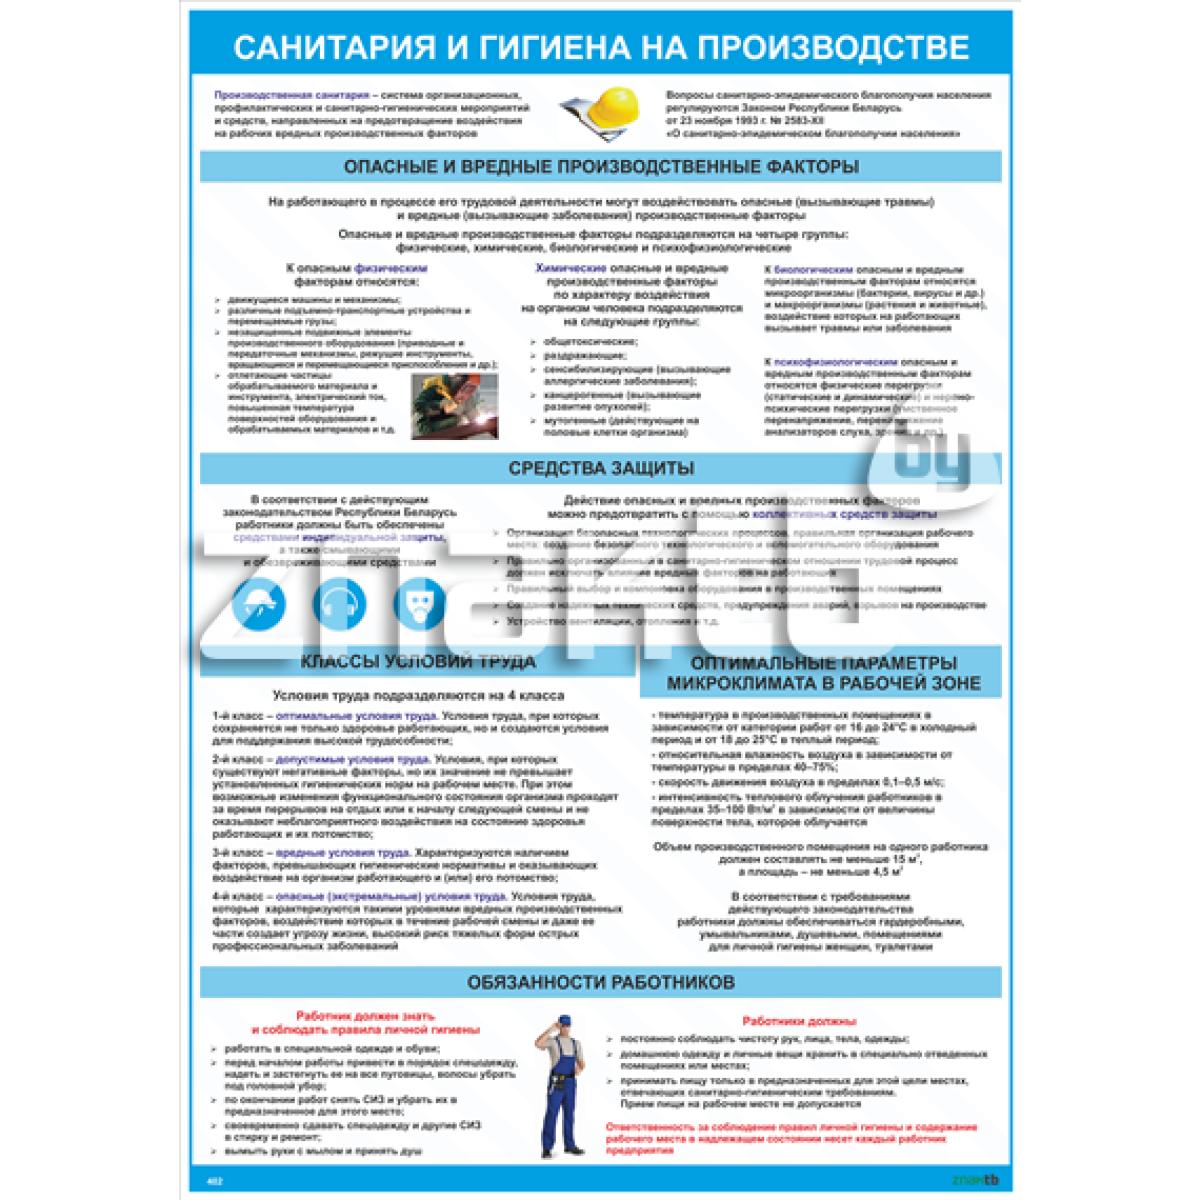 Плакат по охране труда Санитария и гигиена на производстве